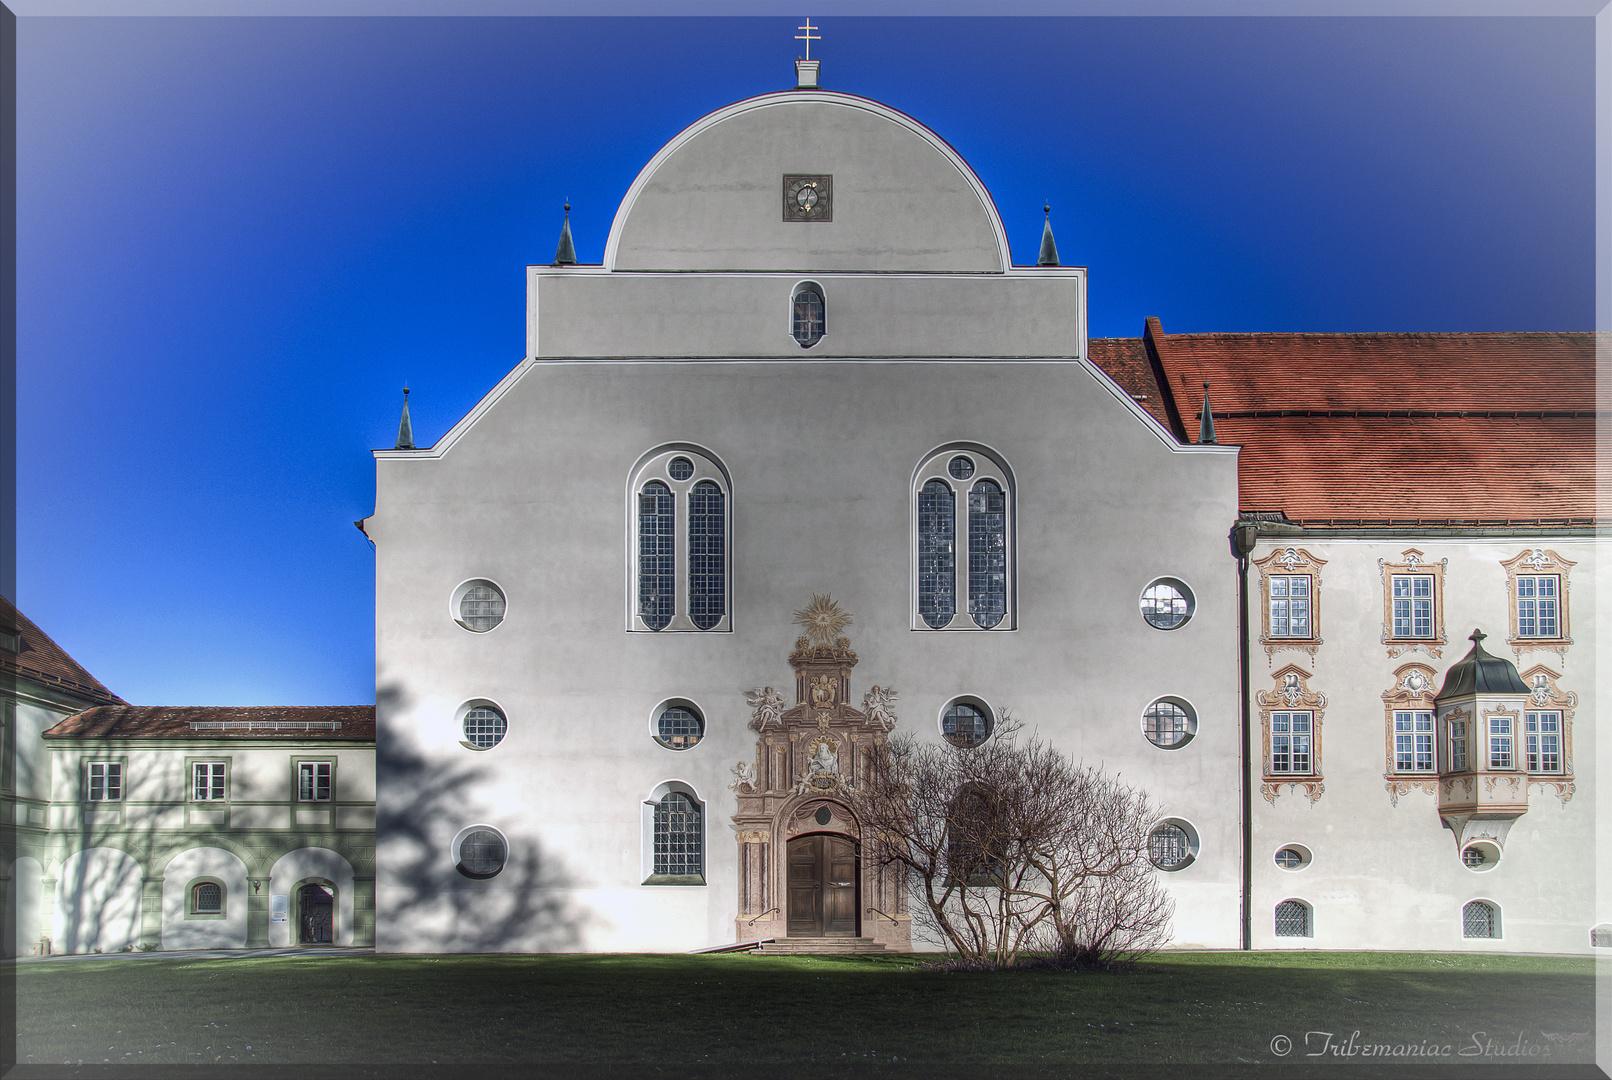 Kloster Benediktbeuern Innenhof HDR I